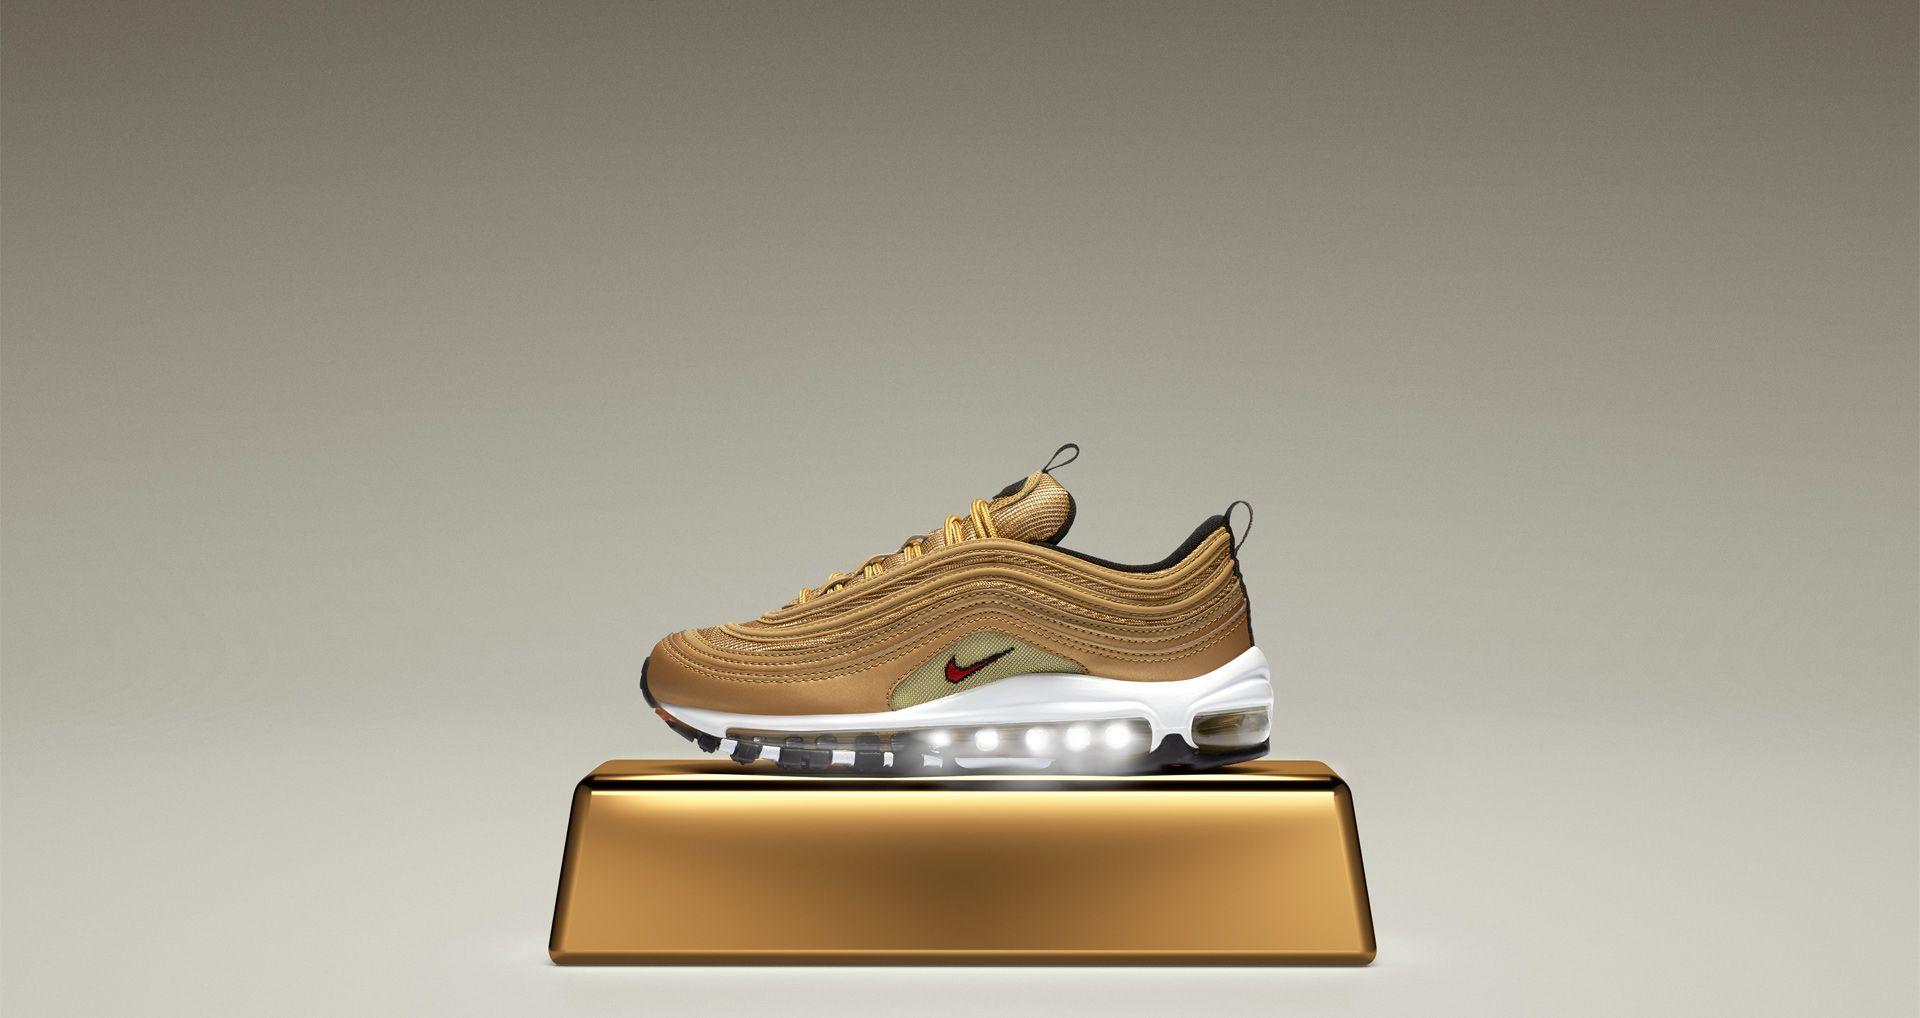 bd102a544c Nike Air Max 97 QS Metallic Gold 918890 700   Our New Arrival ...